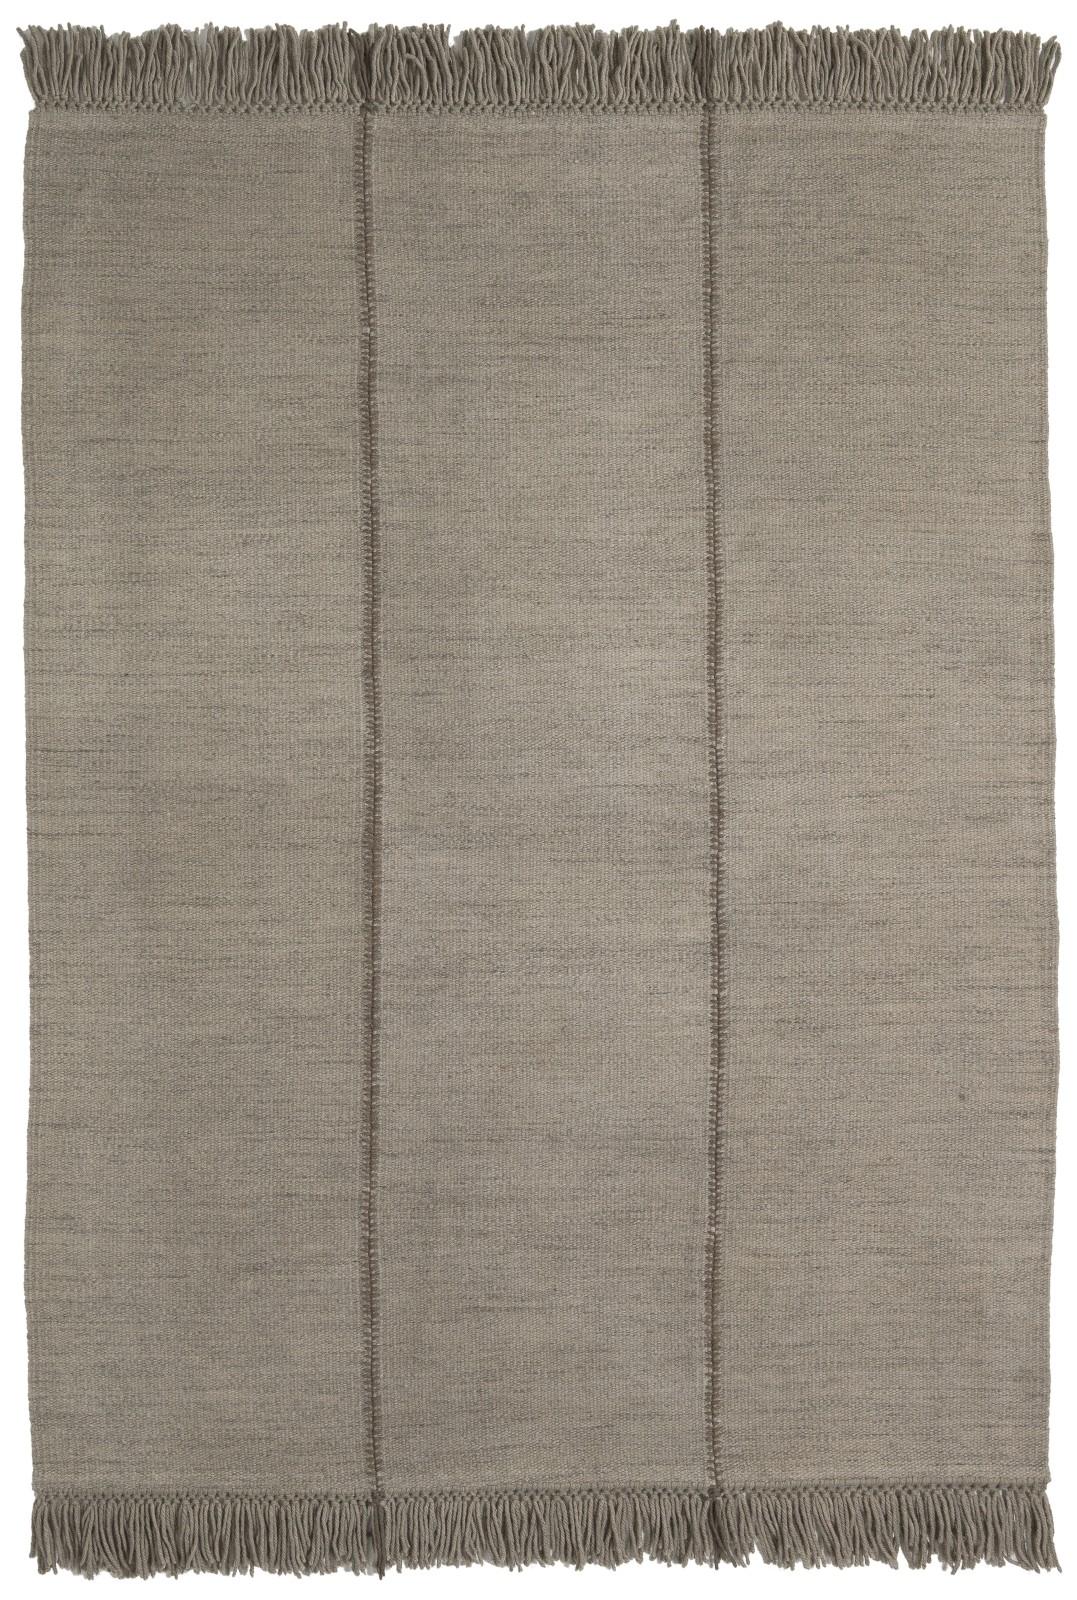 Mia Rug Mia Rug - Base Colour - Stone, 170 x 240 cm, Mia Rug - Detail - Vertical fringing, Mia Rug -